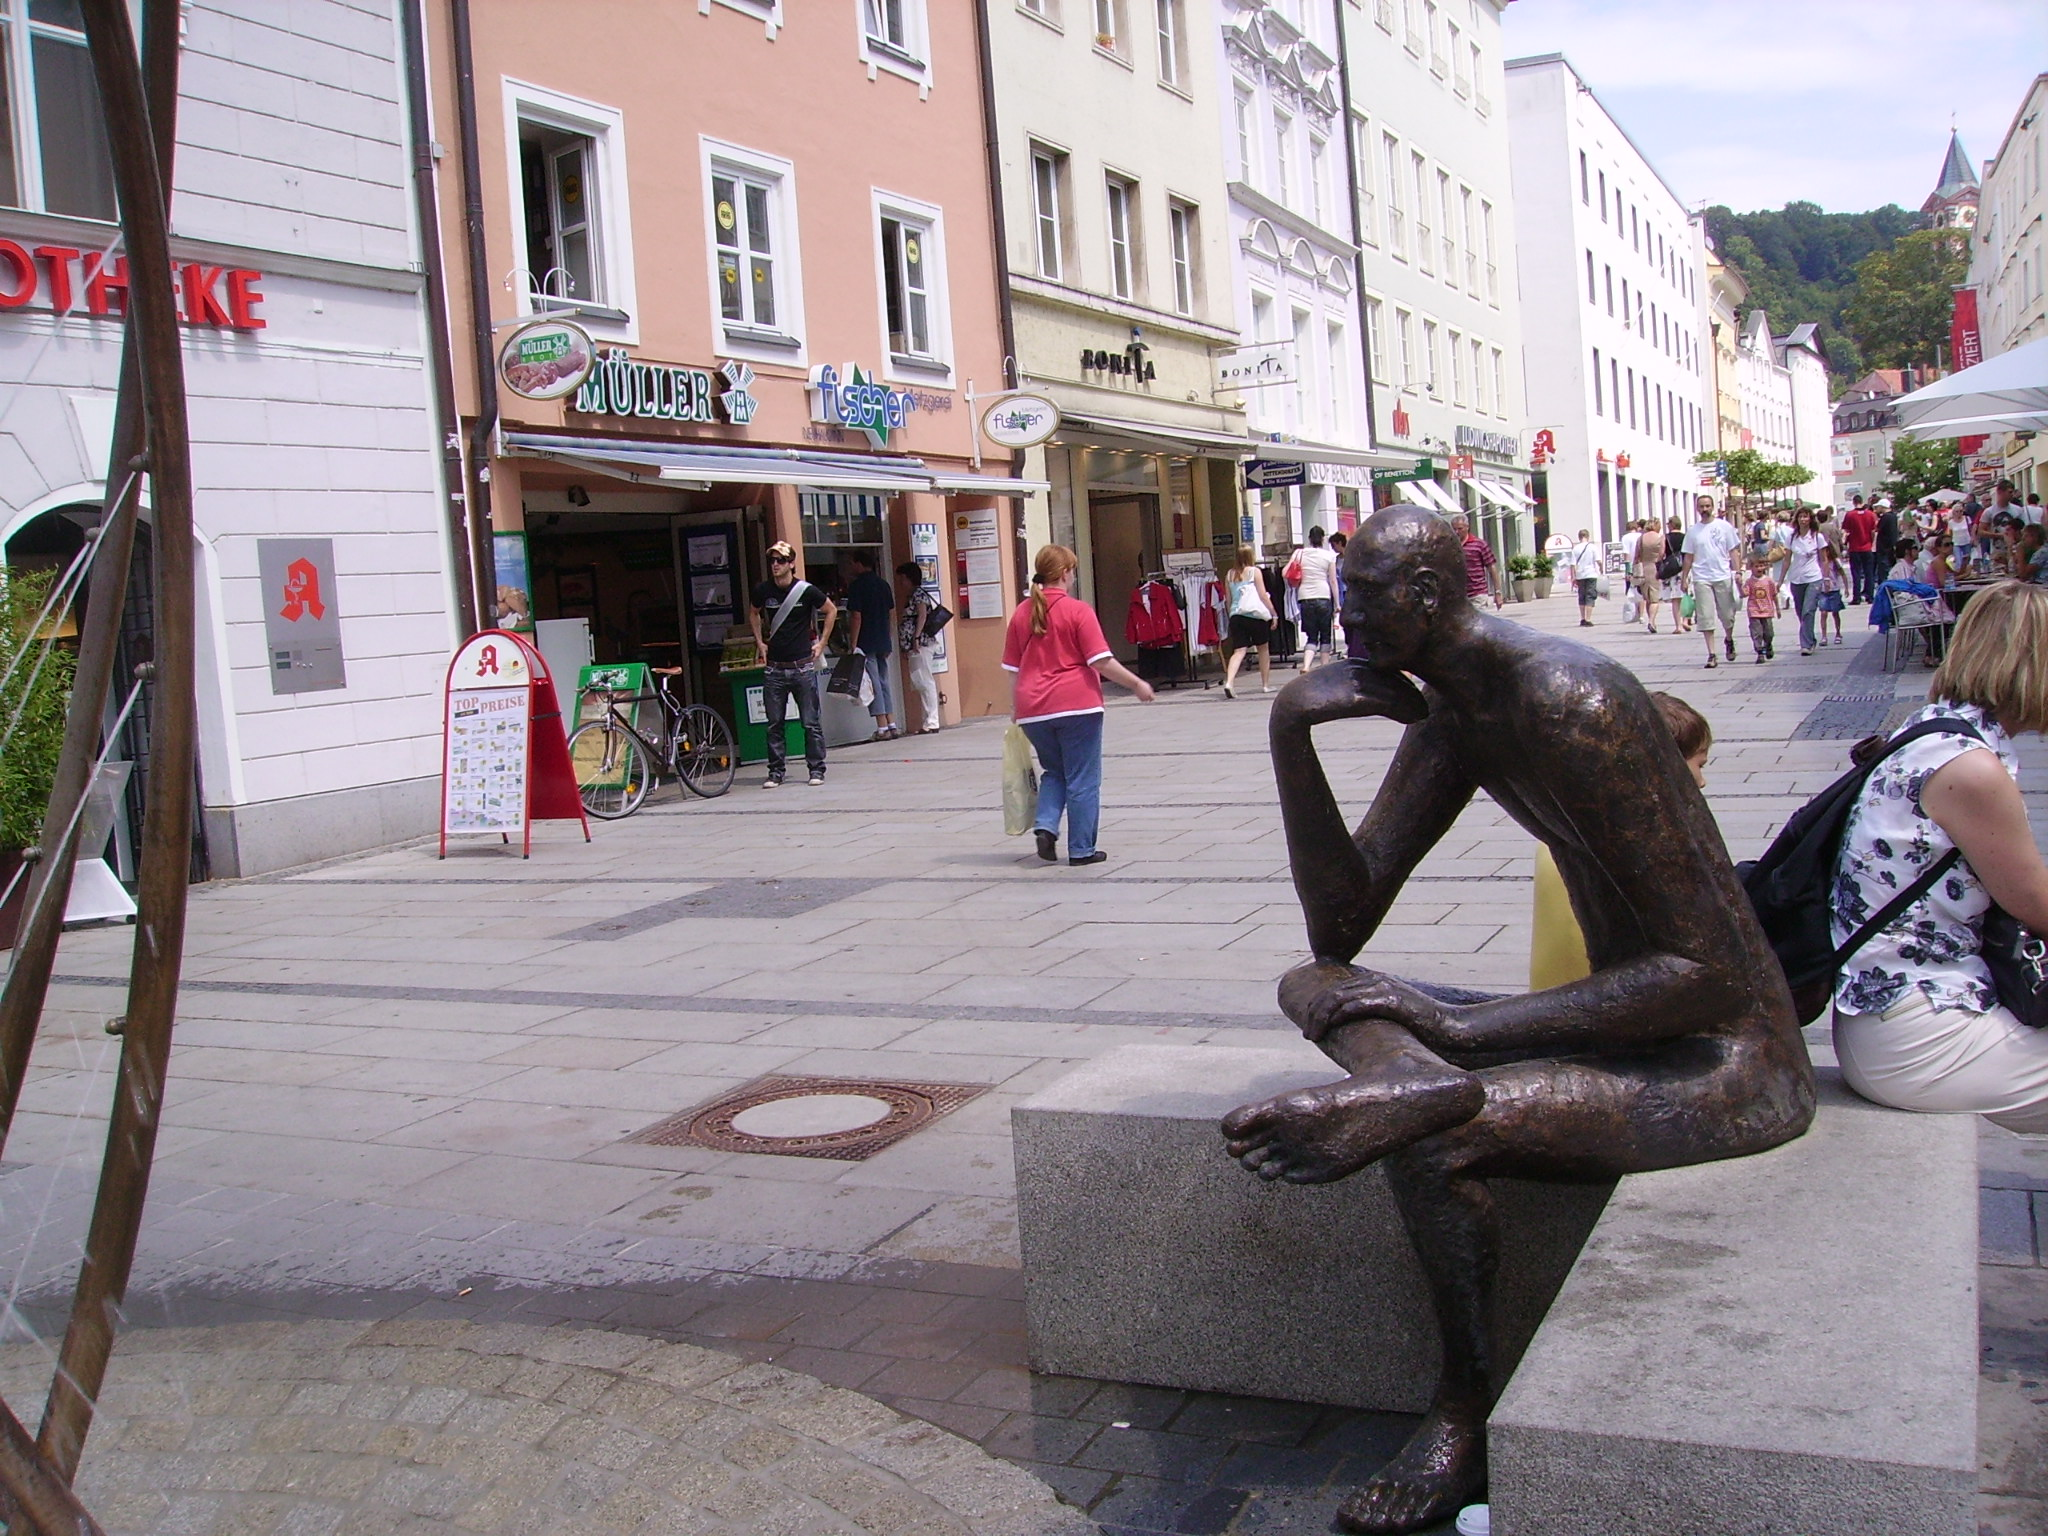 Resultado de imagen para passau ludwigstrasse